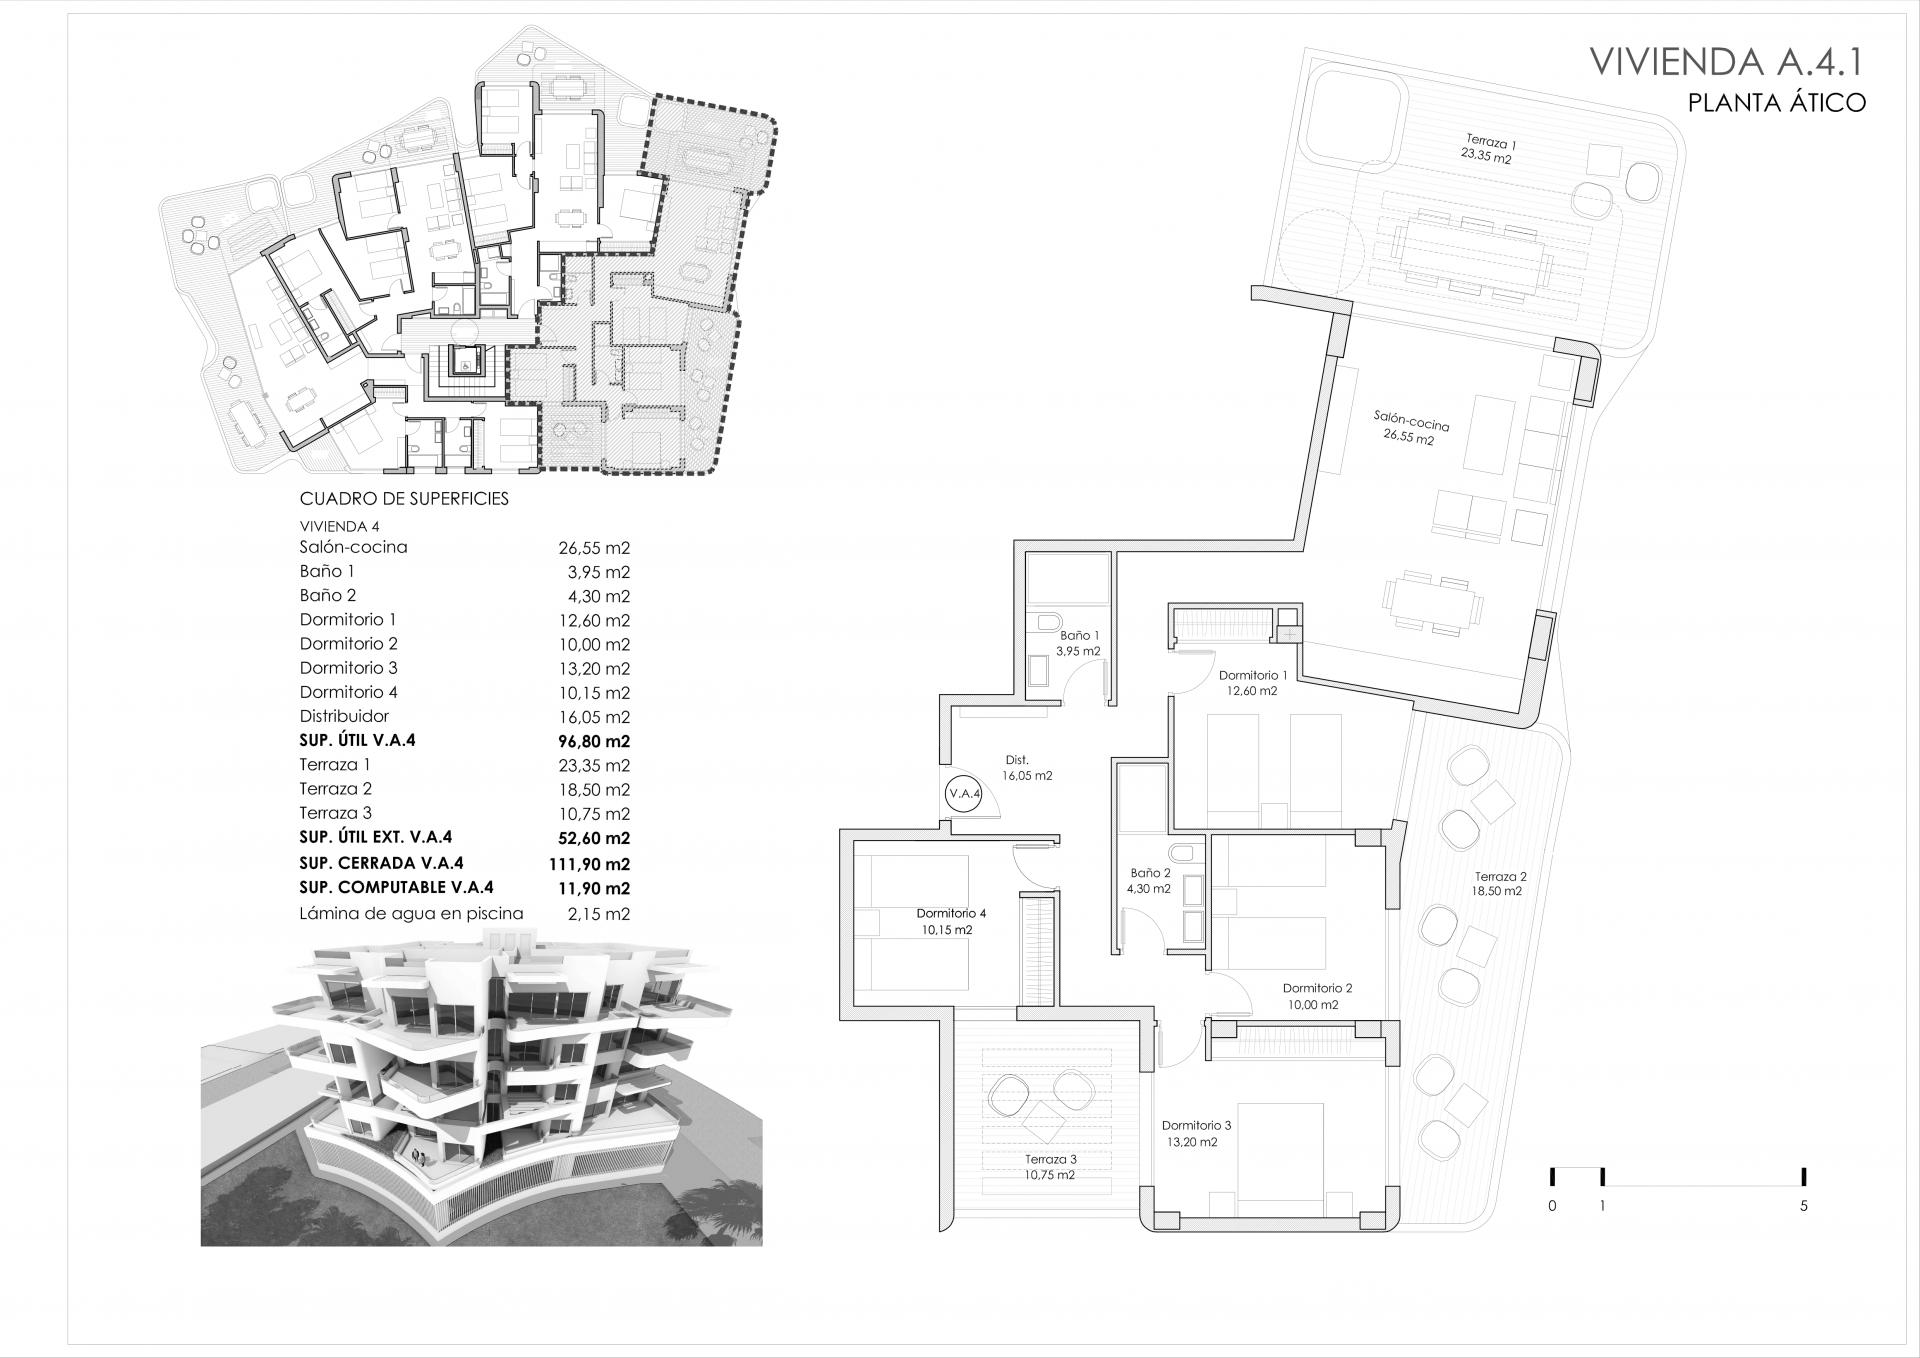 A4.1 - Edificio Ventura Ocean View